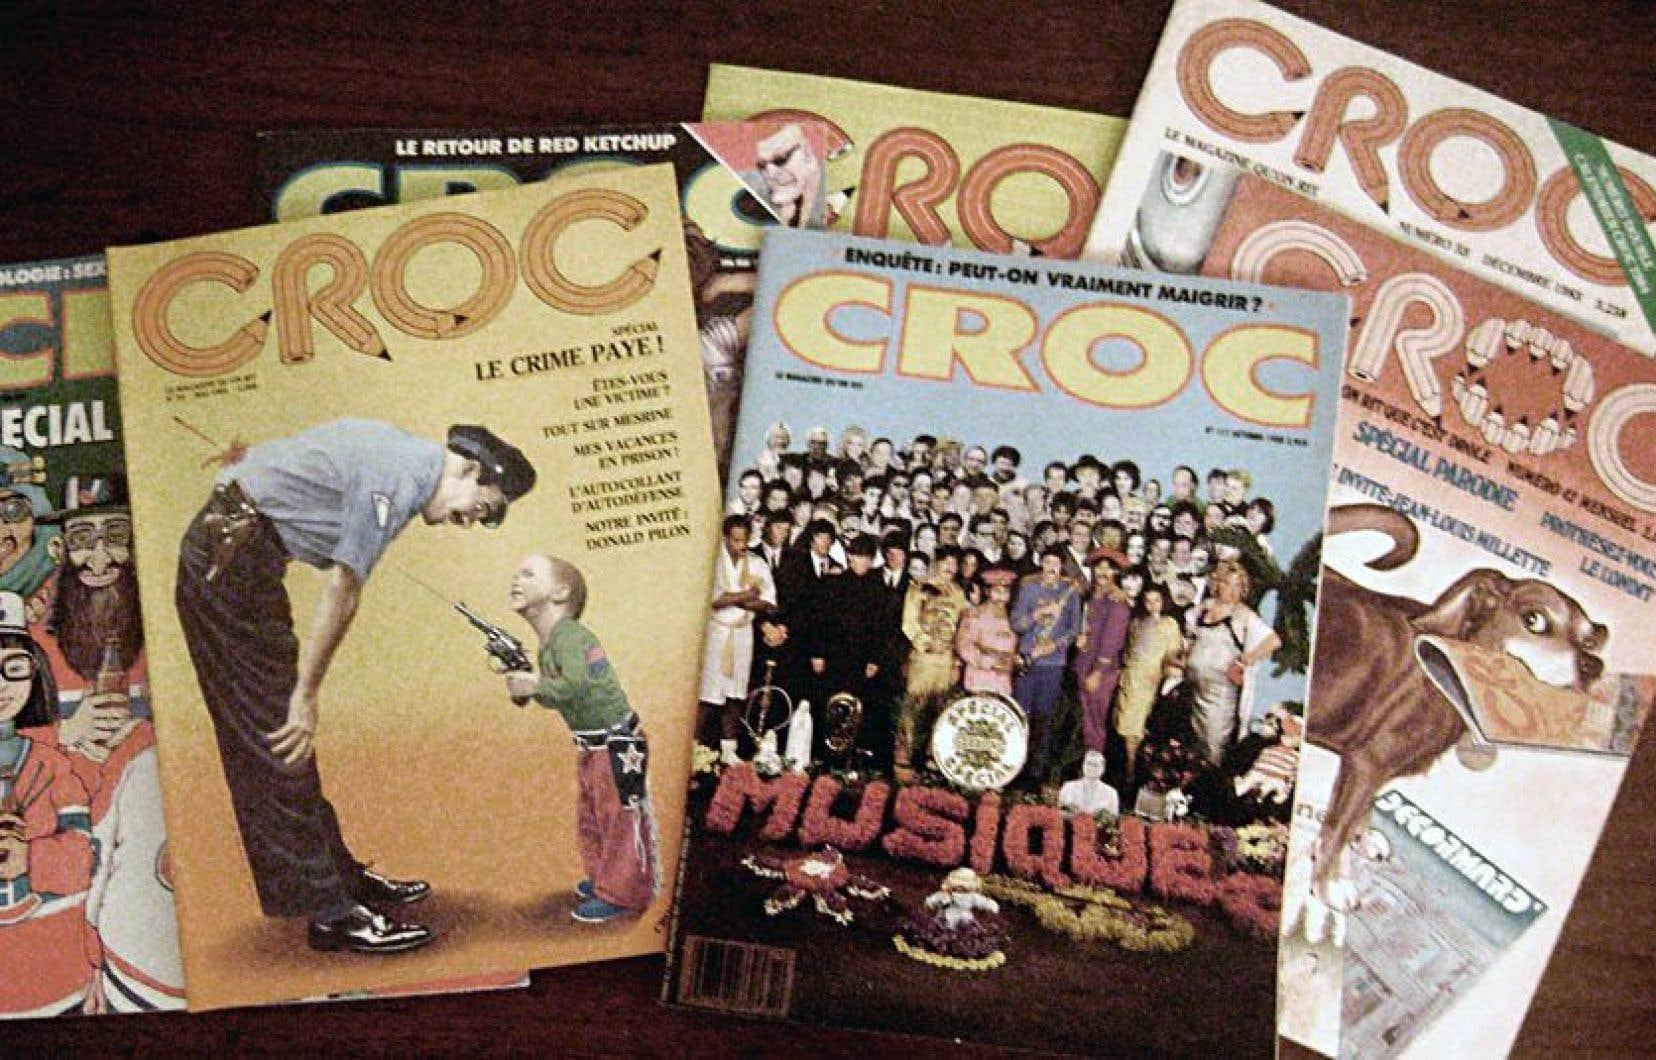 Le magazine satirique «Croc»